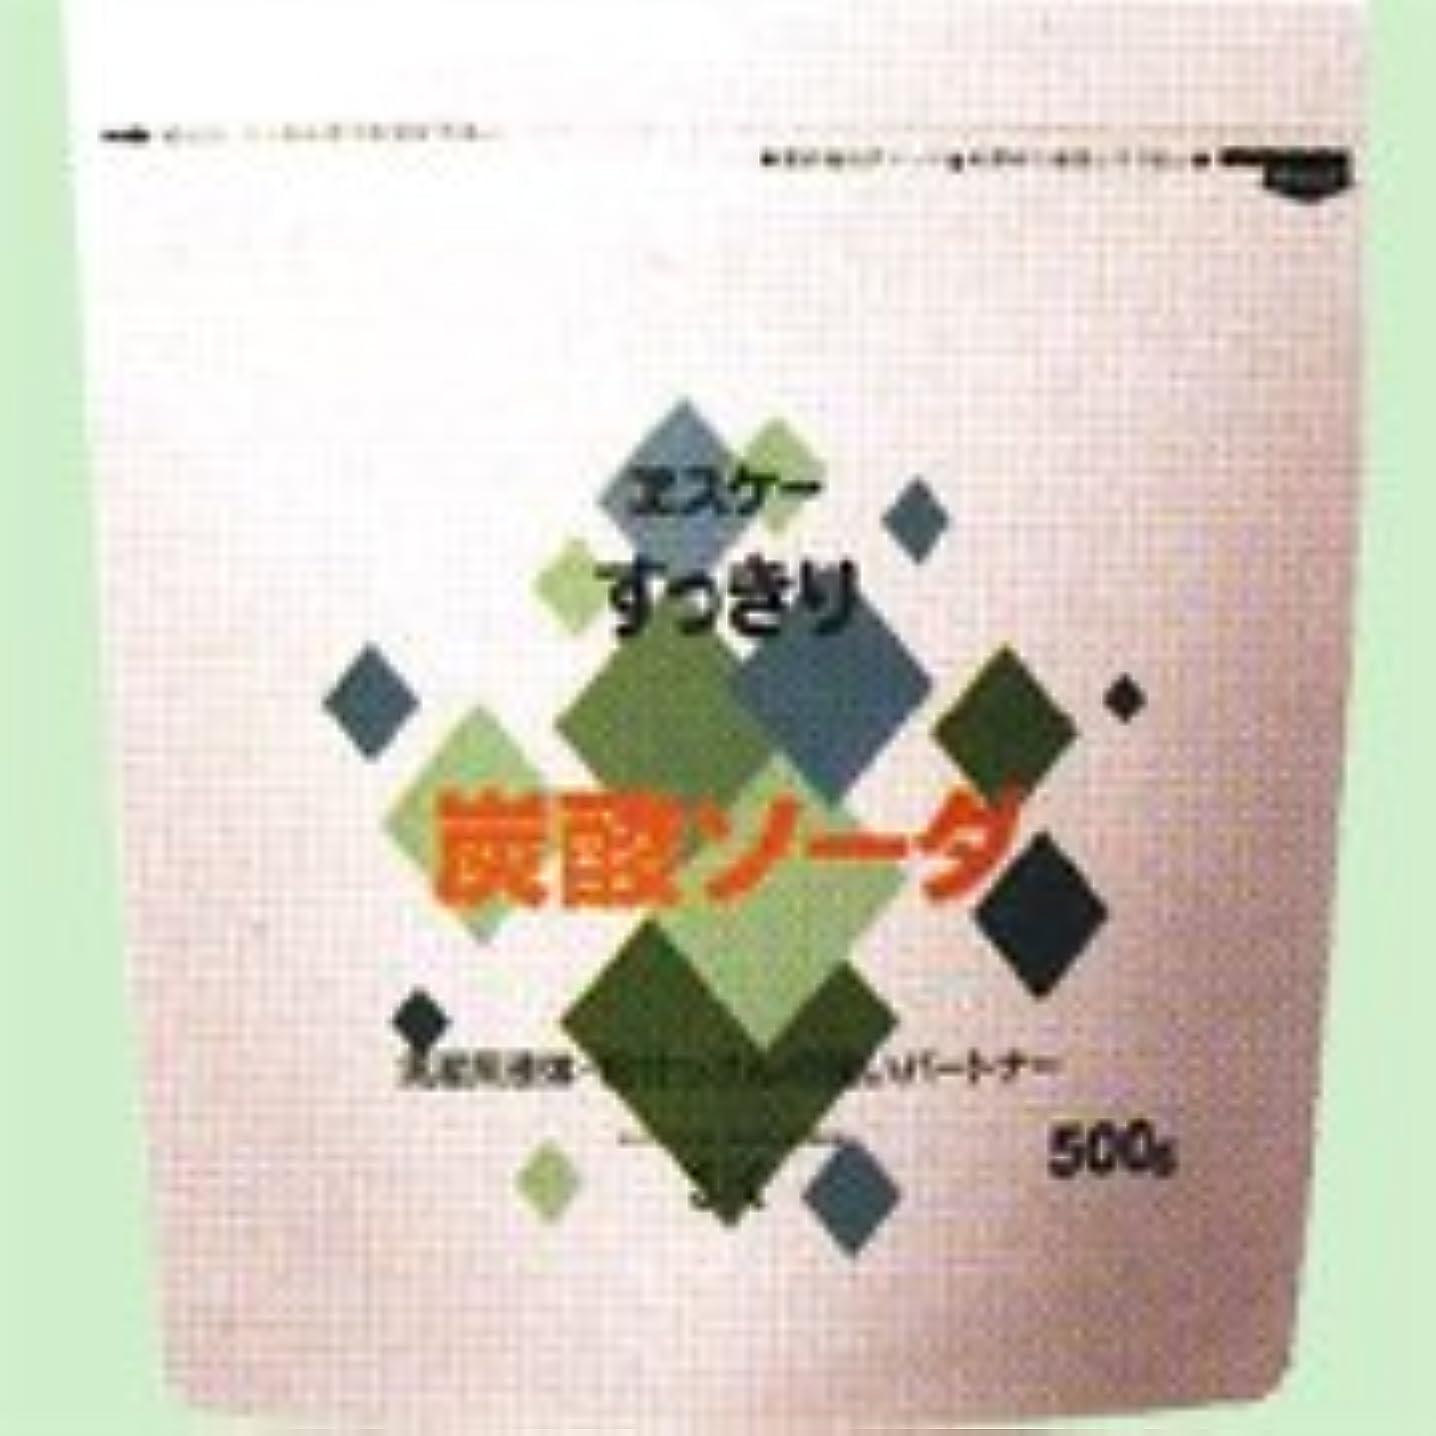 カイウス算術デンマーク語すっきり炭酸ソーダ 500g   エスケー石鹸